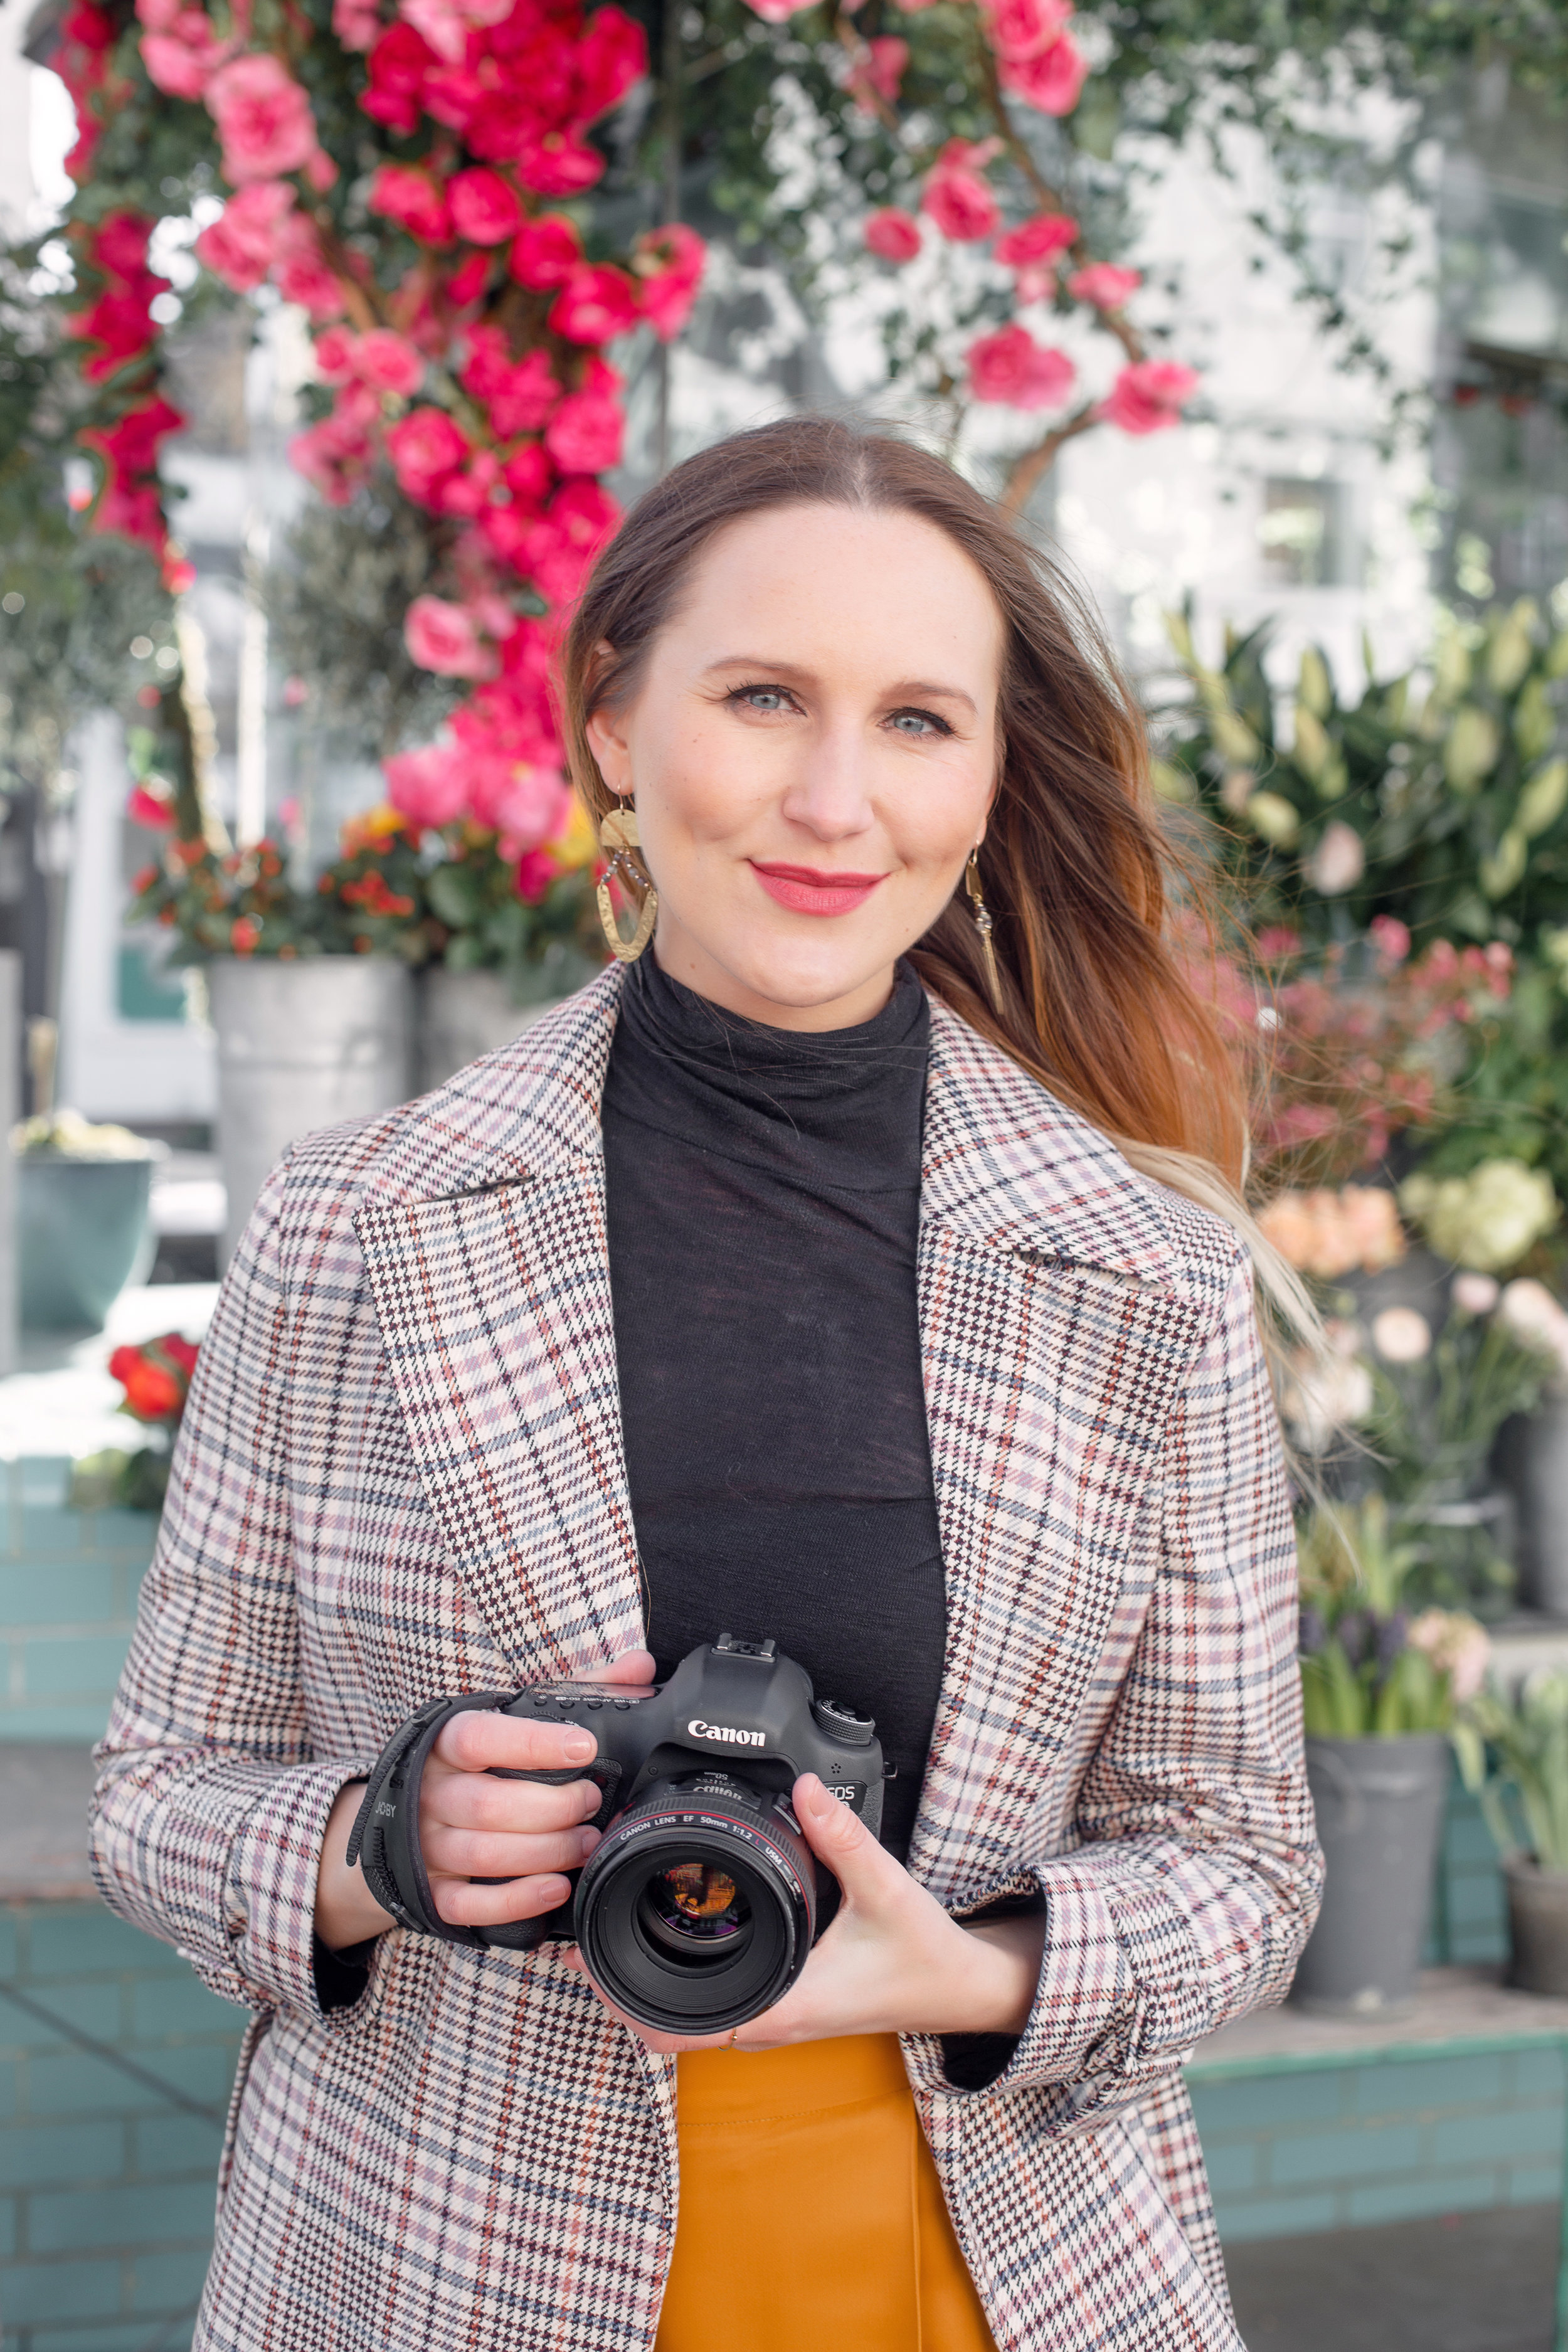 Joana Senkute - Vera Wildfire Photography